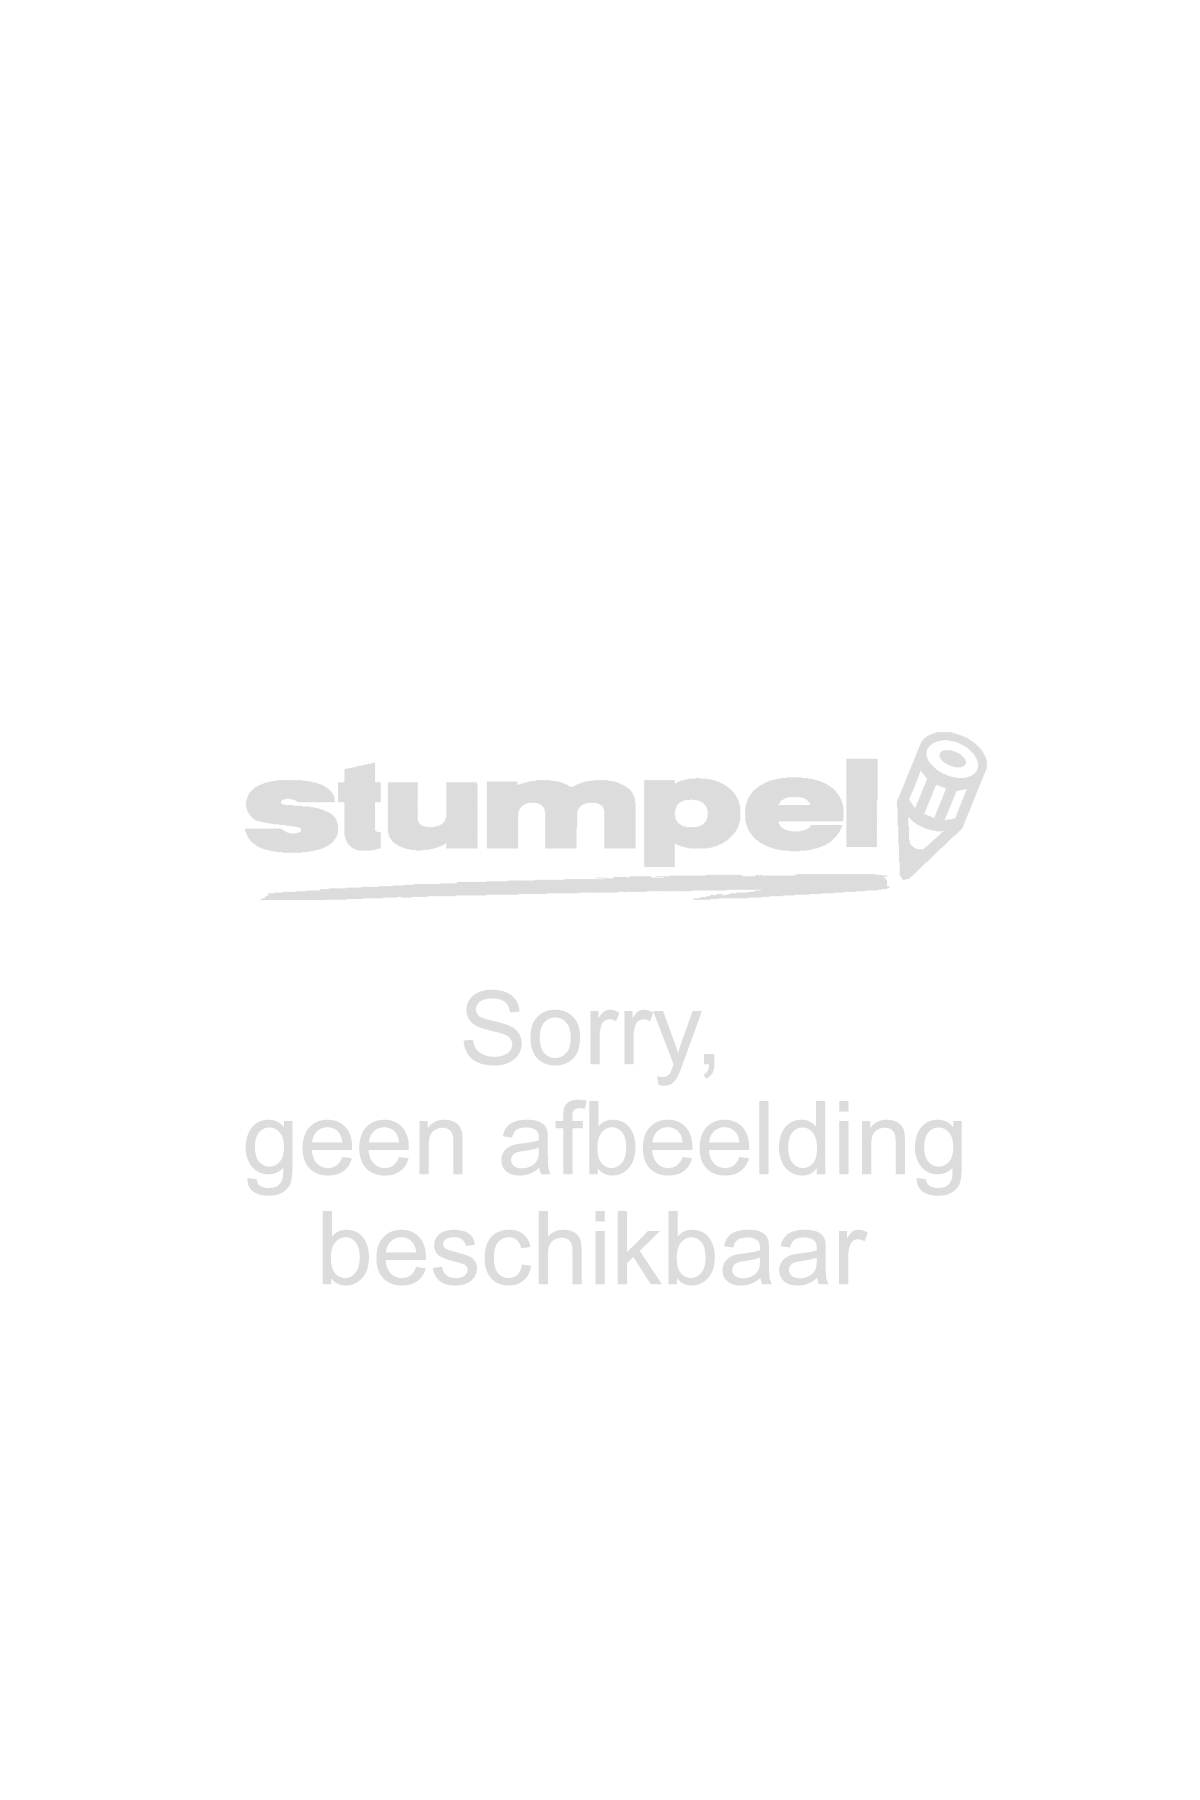 paraplu-minimax-opvouwbaar-groen-impliva-10806577